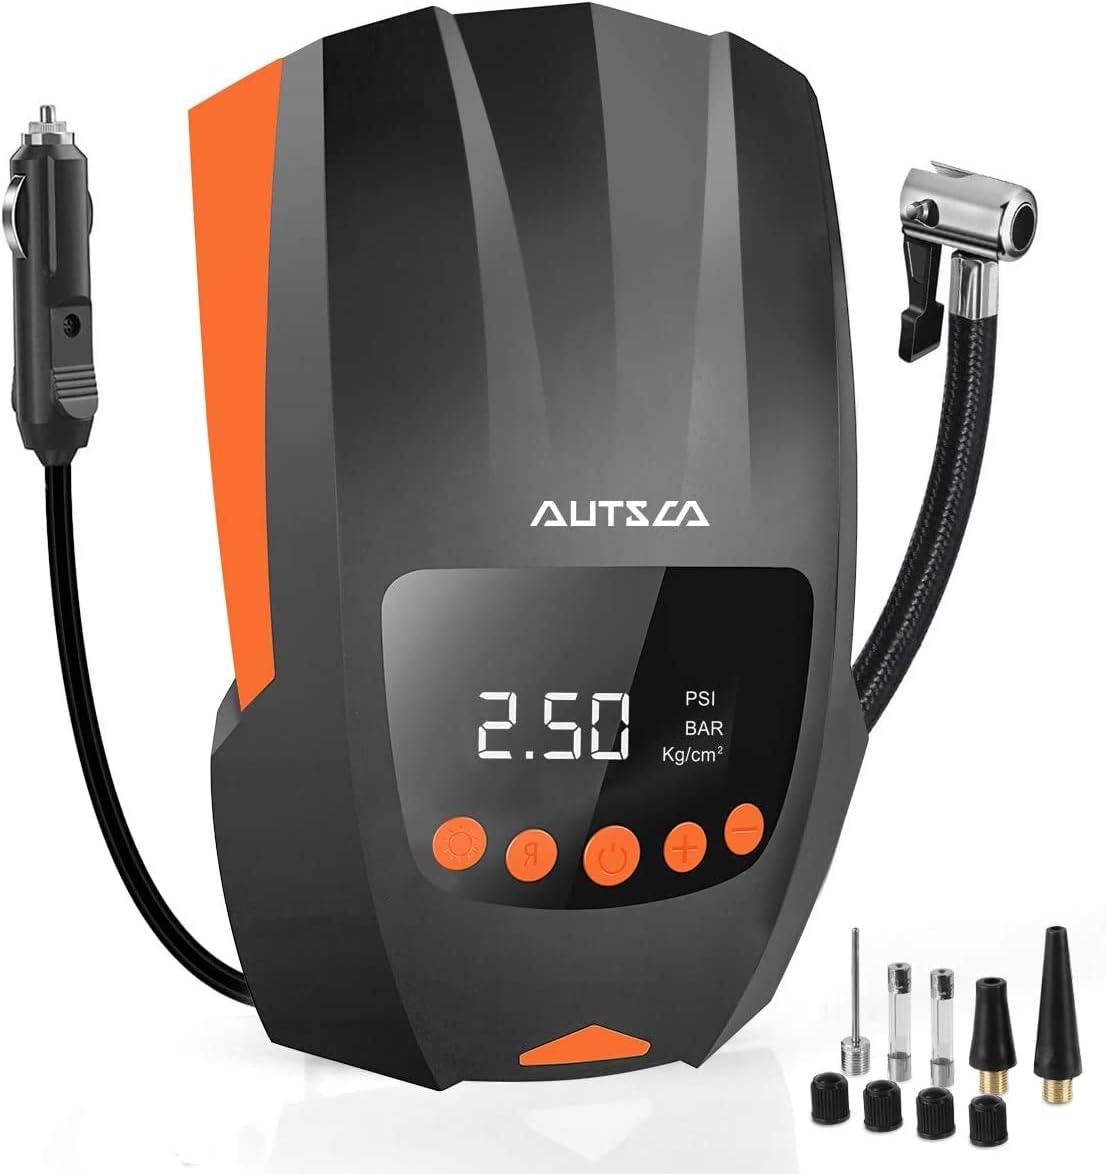 Autsca 12v Luftkompressor Tragbarer Elektrischer Luftkompressor Mit Led Bildschirm Und Langem Kabel Geeignet Für Autos Fahrräder Motorräder Schlauchboote Und Bälle Auto